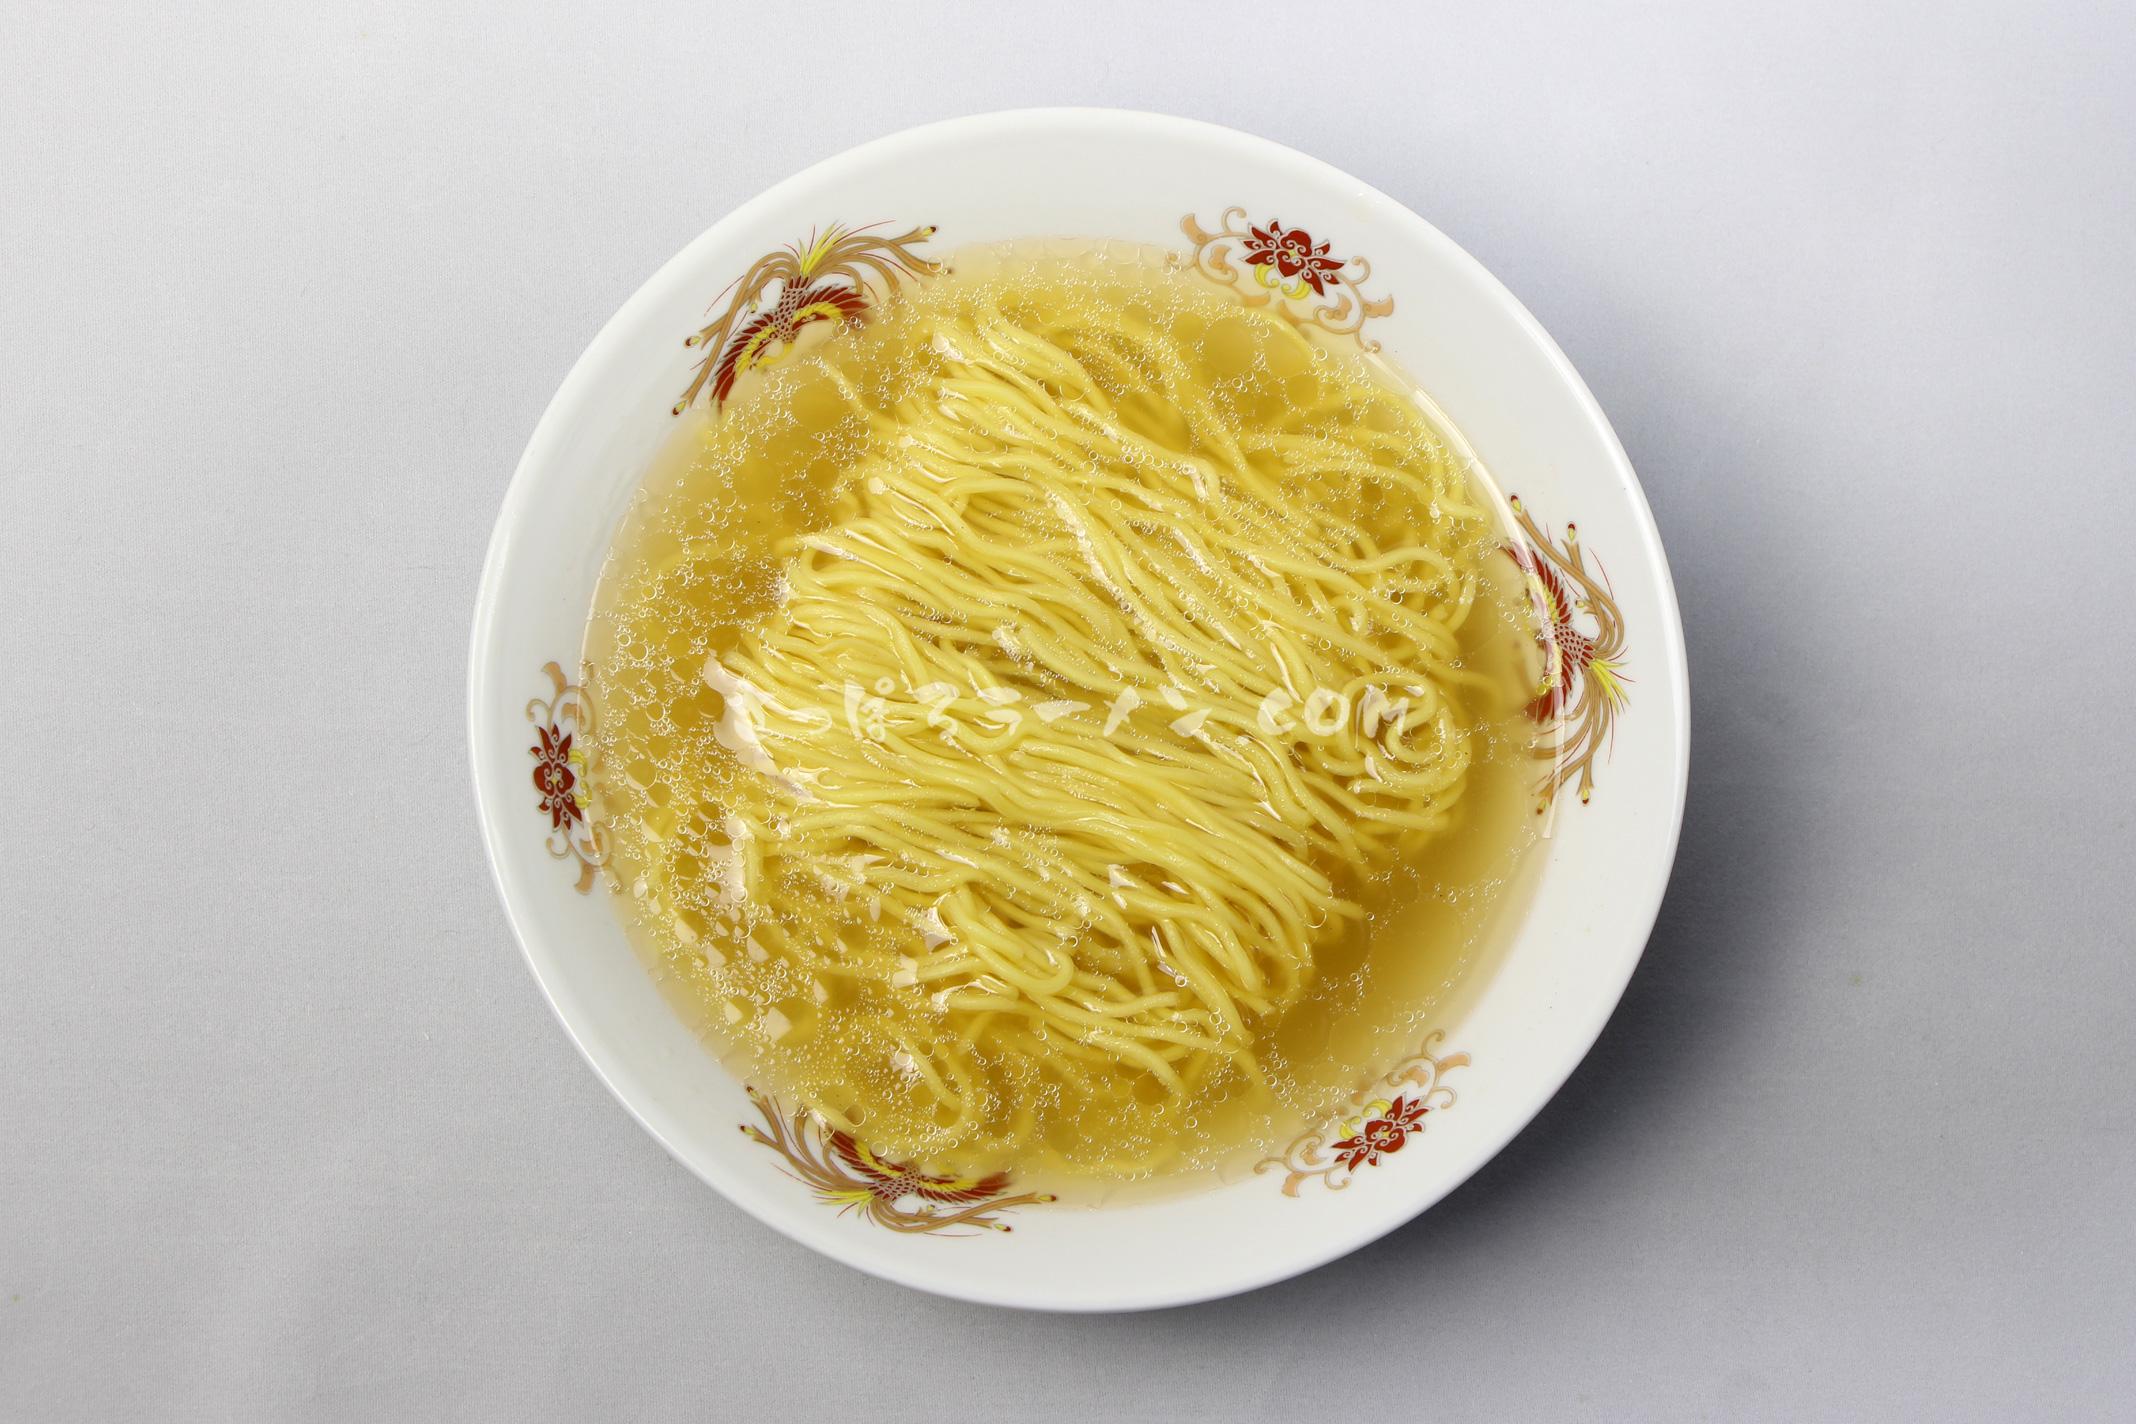 「函館麺や 一文字 塩ラーメン」(菊水)の完成画像